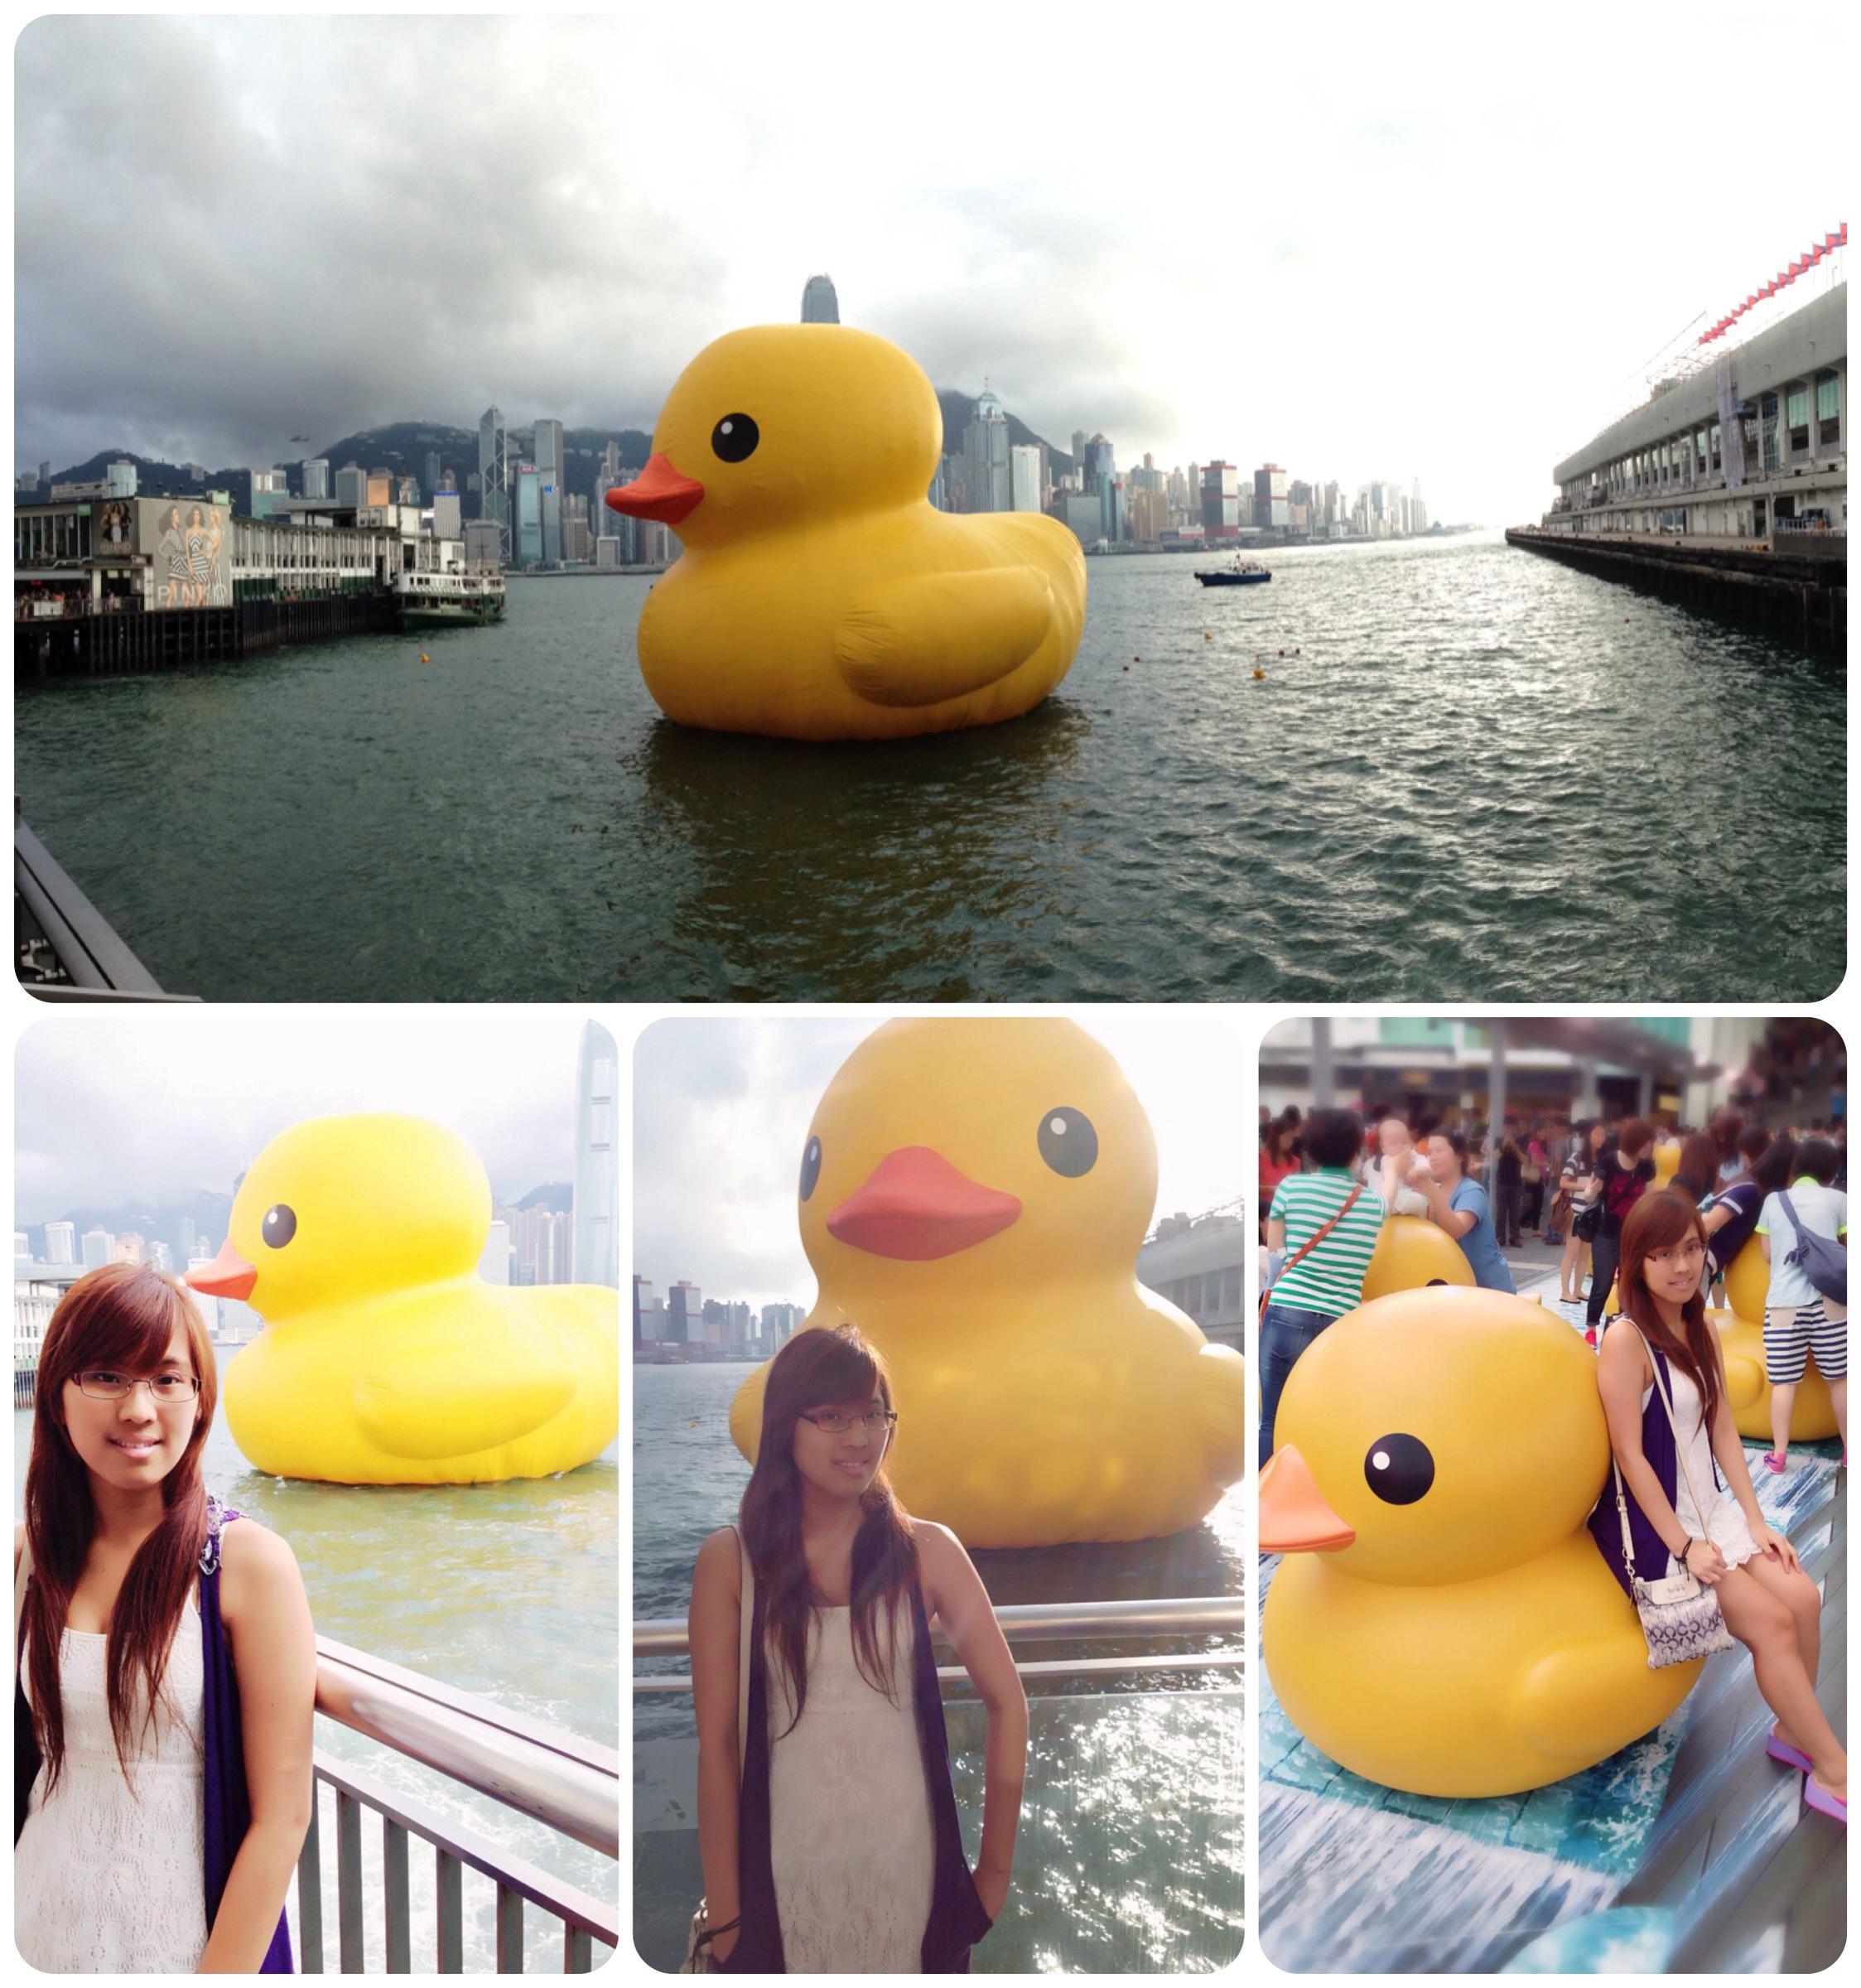 2013.May.28 TST rubber duckie